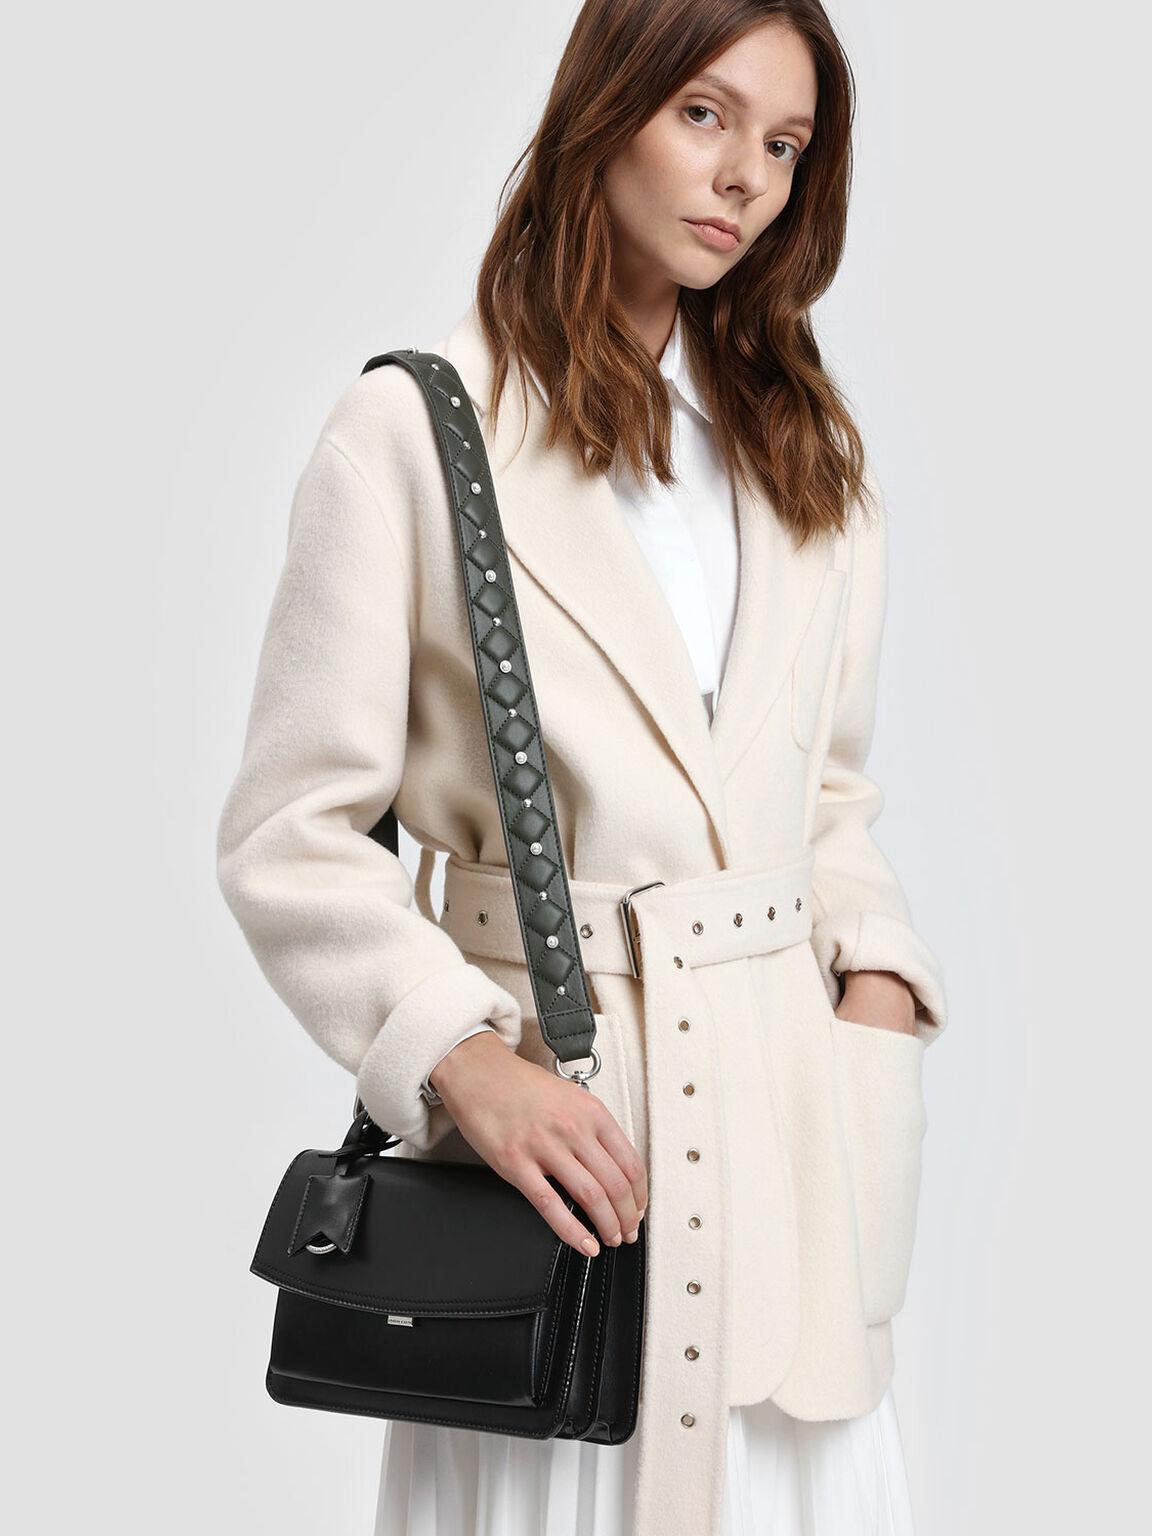 Embellished Quilted Bag Strap, Olive, hi-res